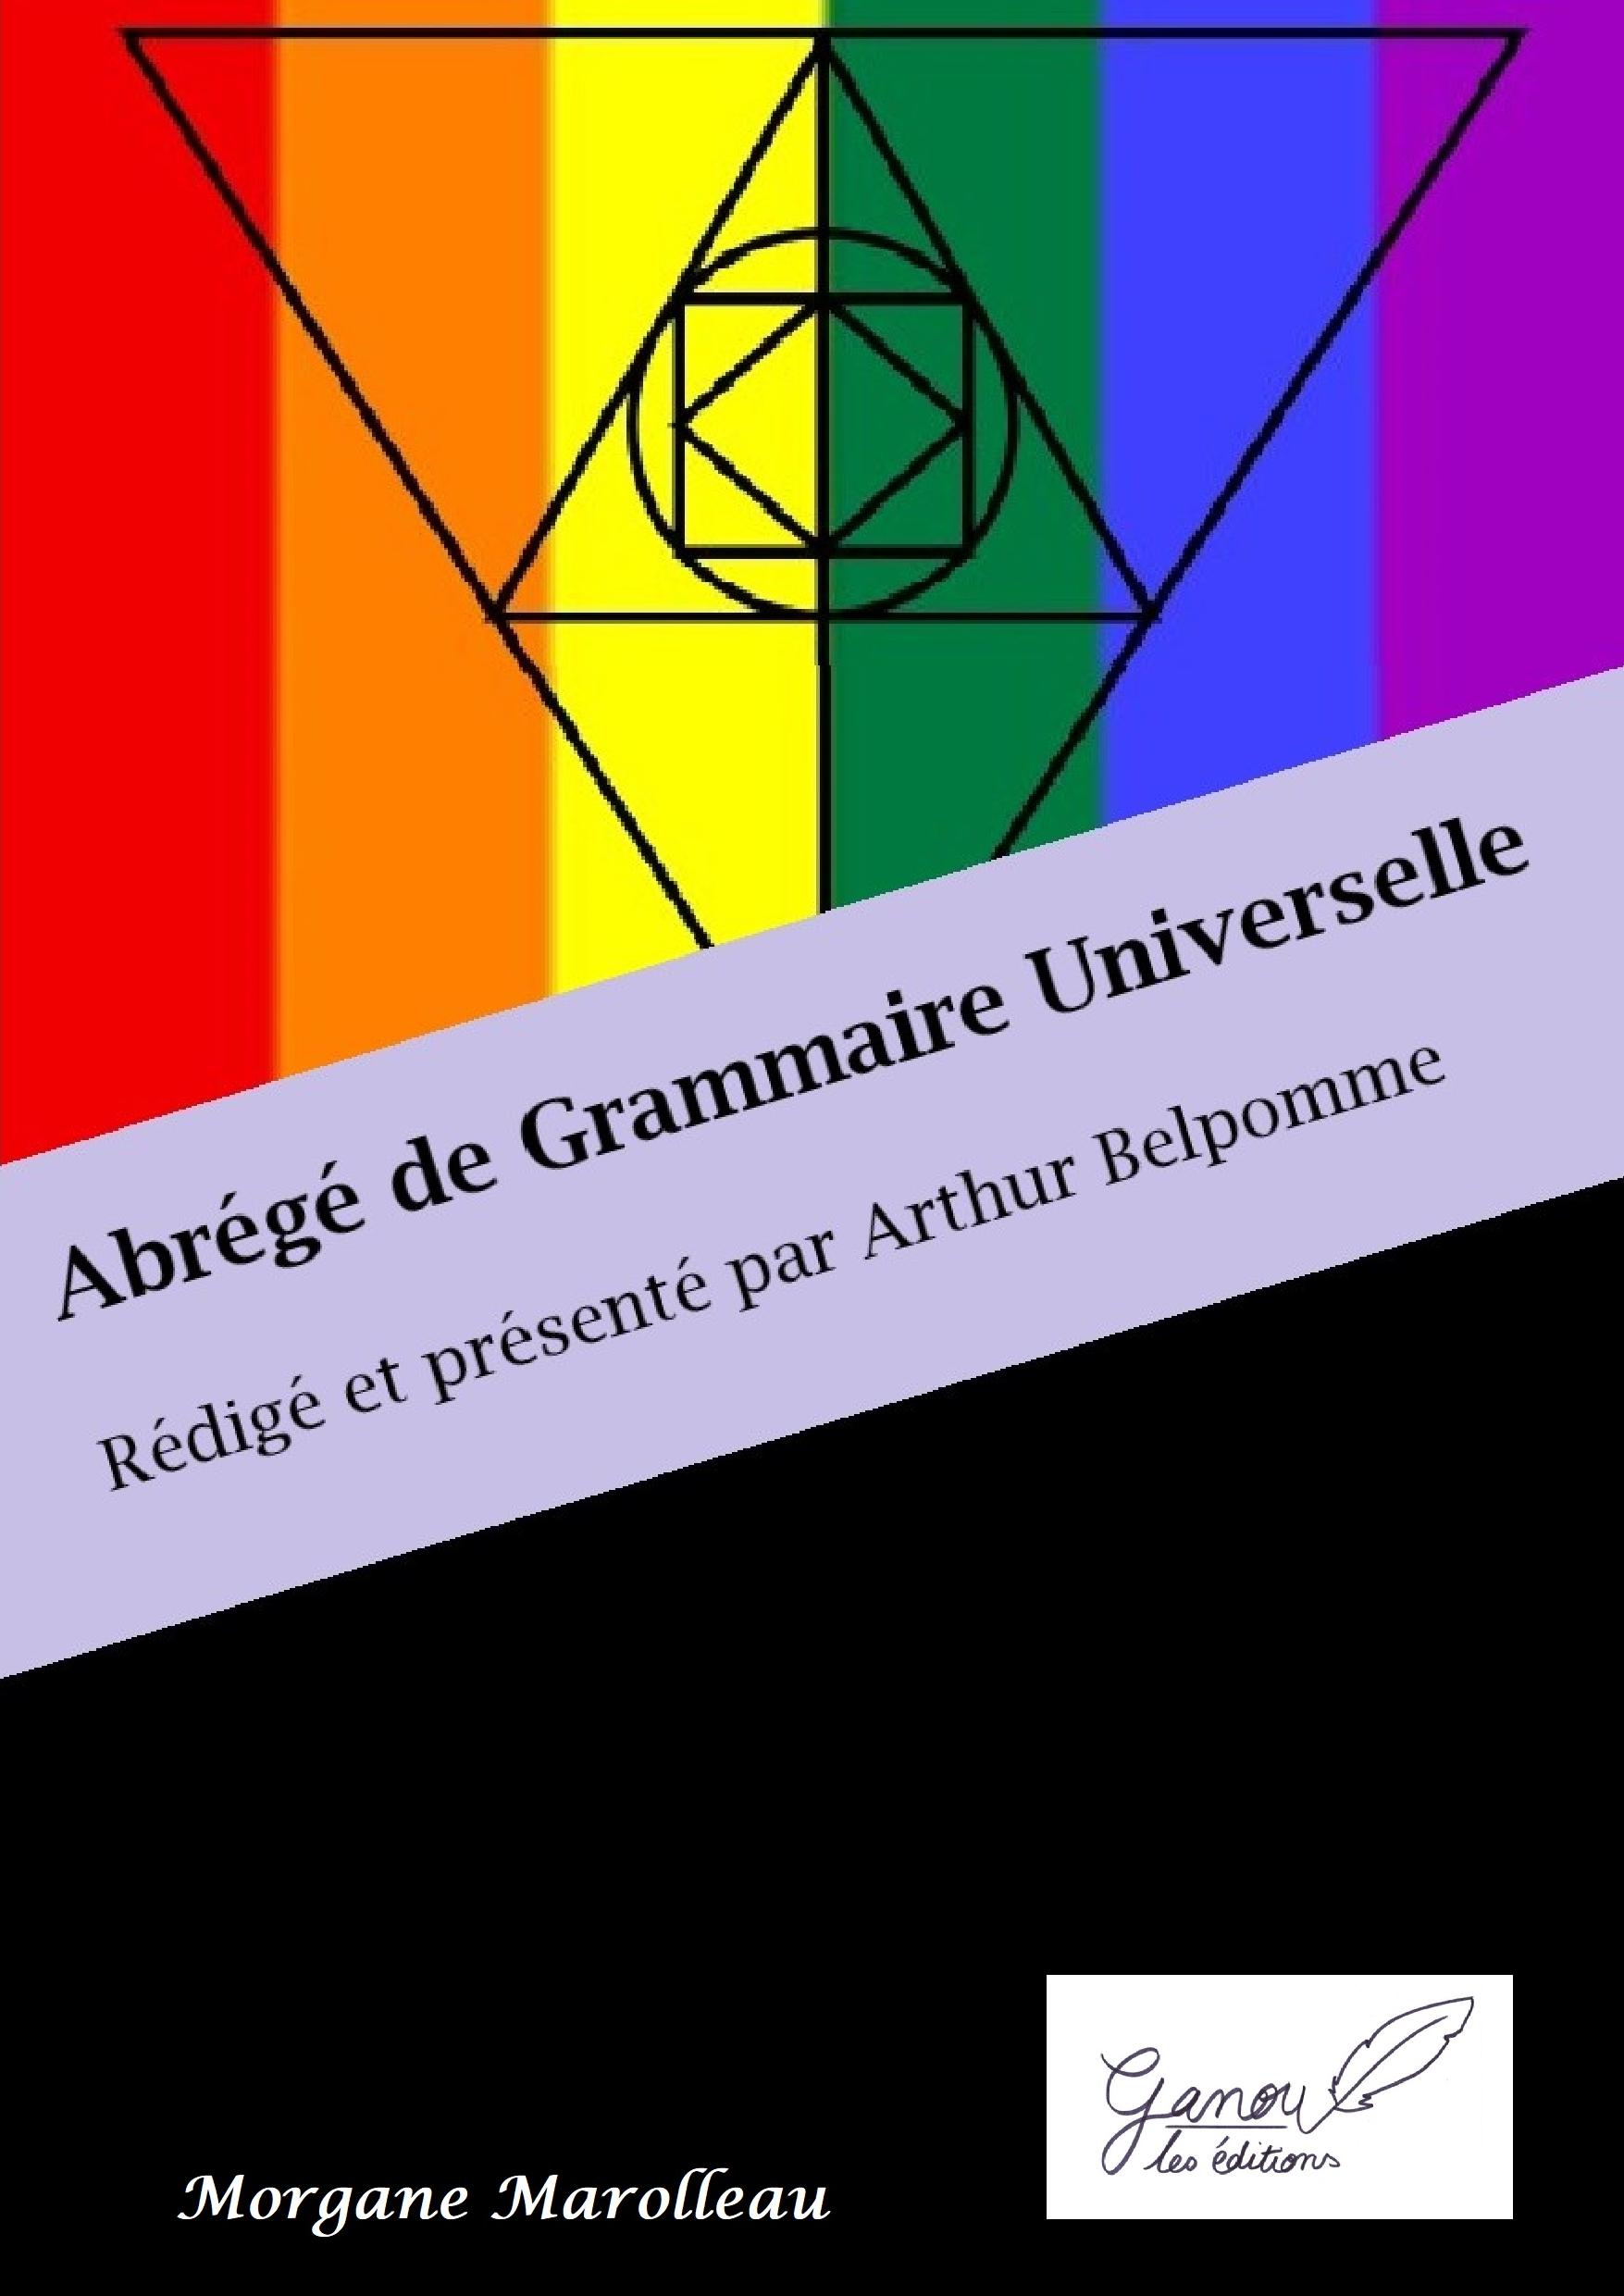 Abrégé de Grammaire Universelle